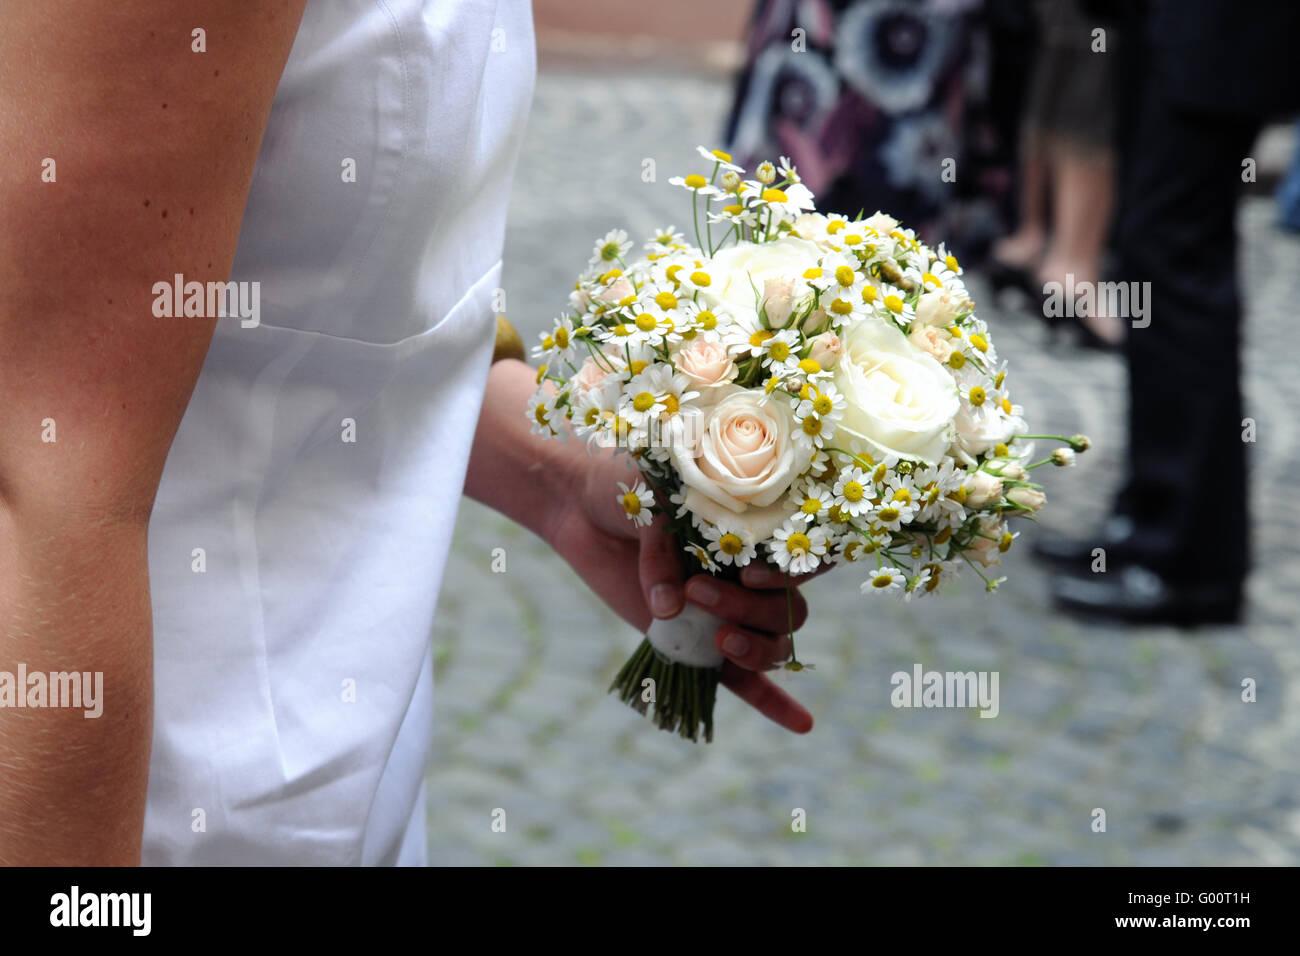 Yellow wedding - Stock Image